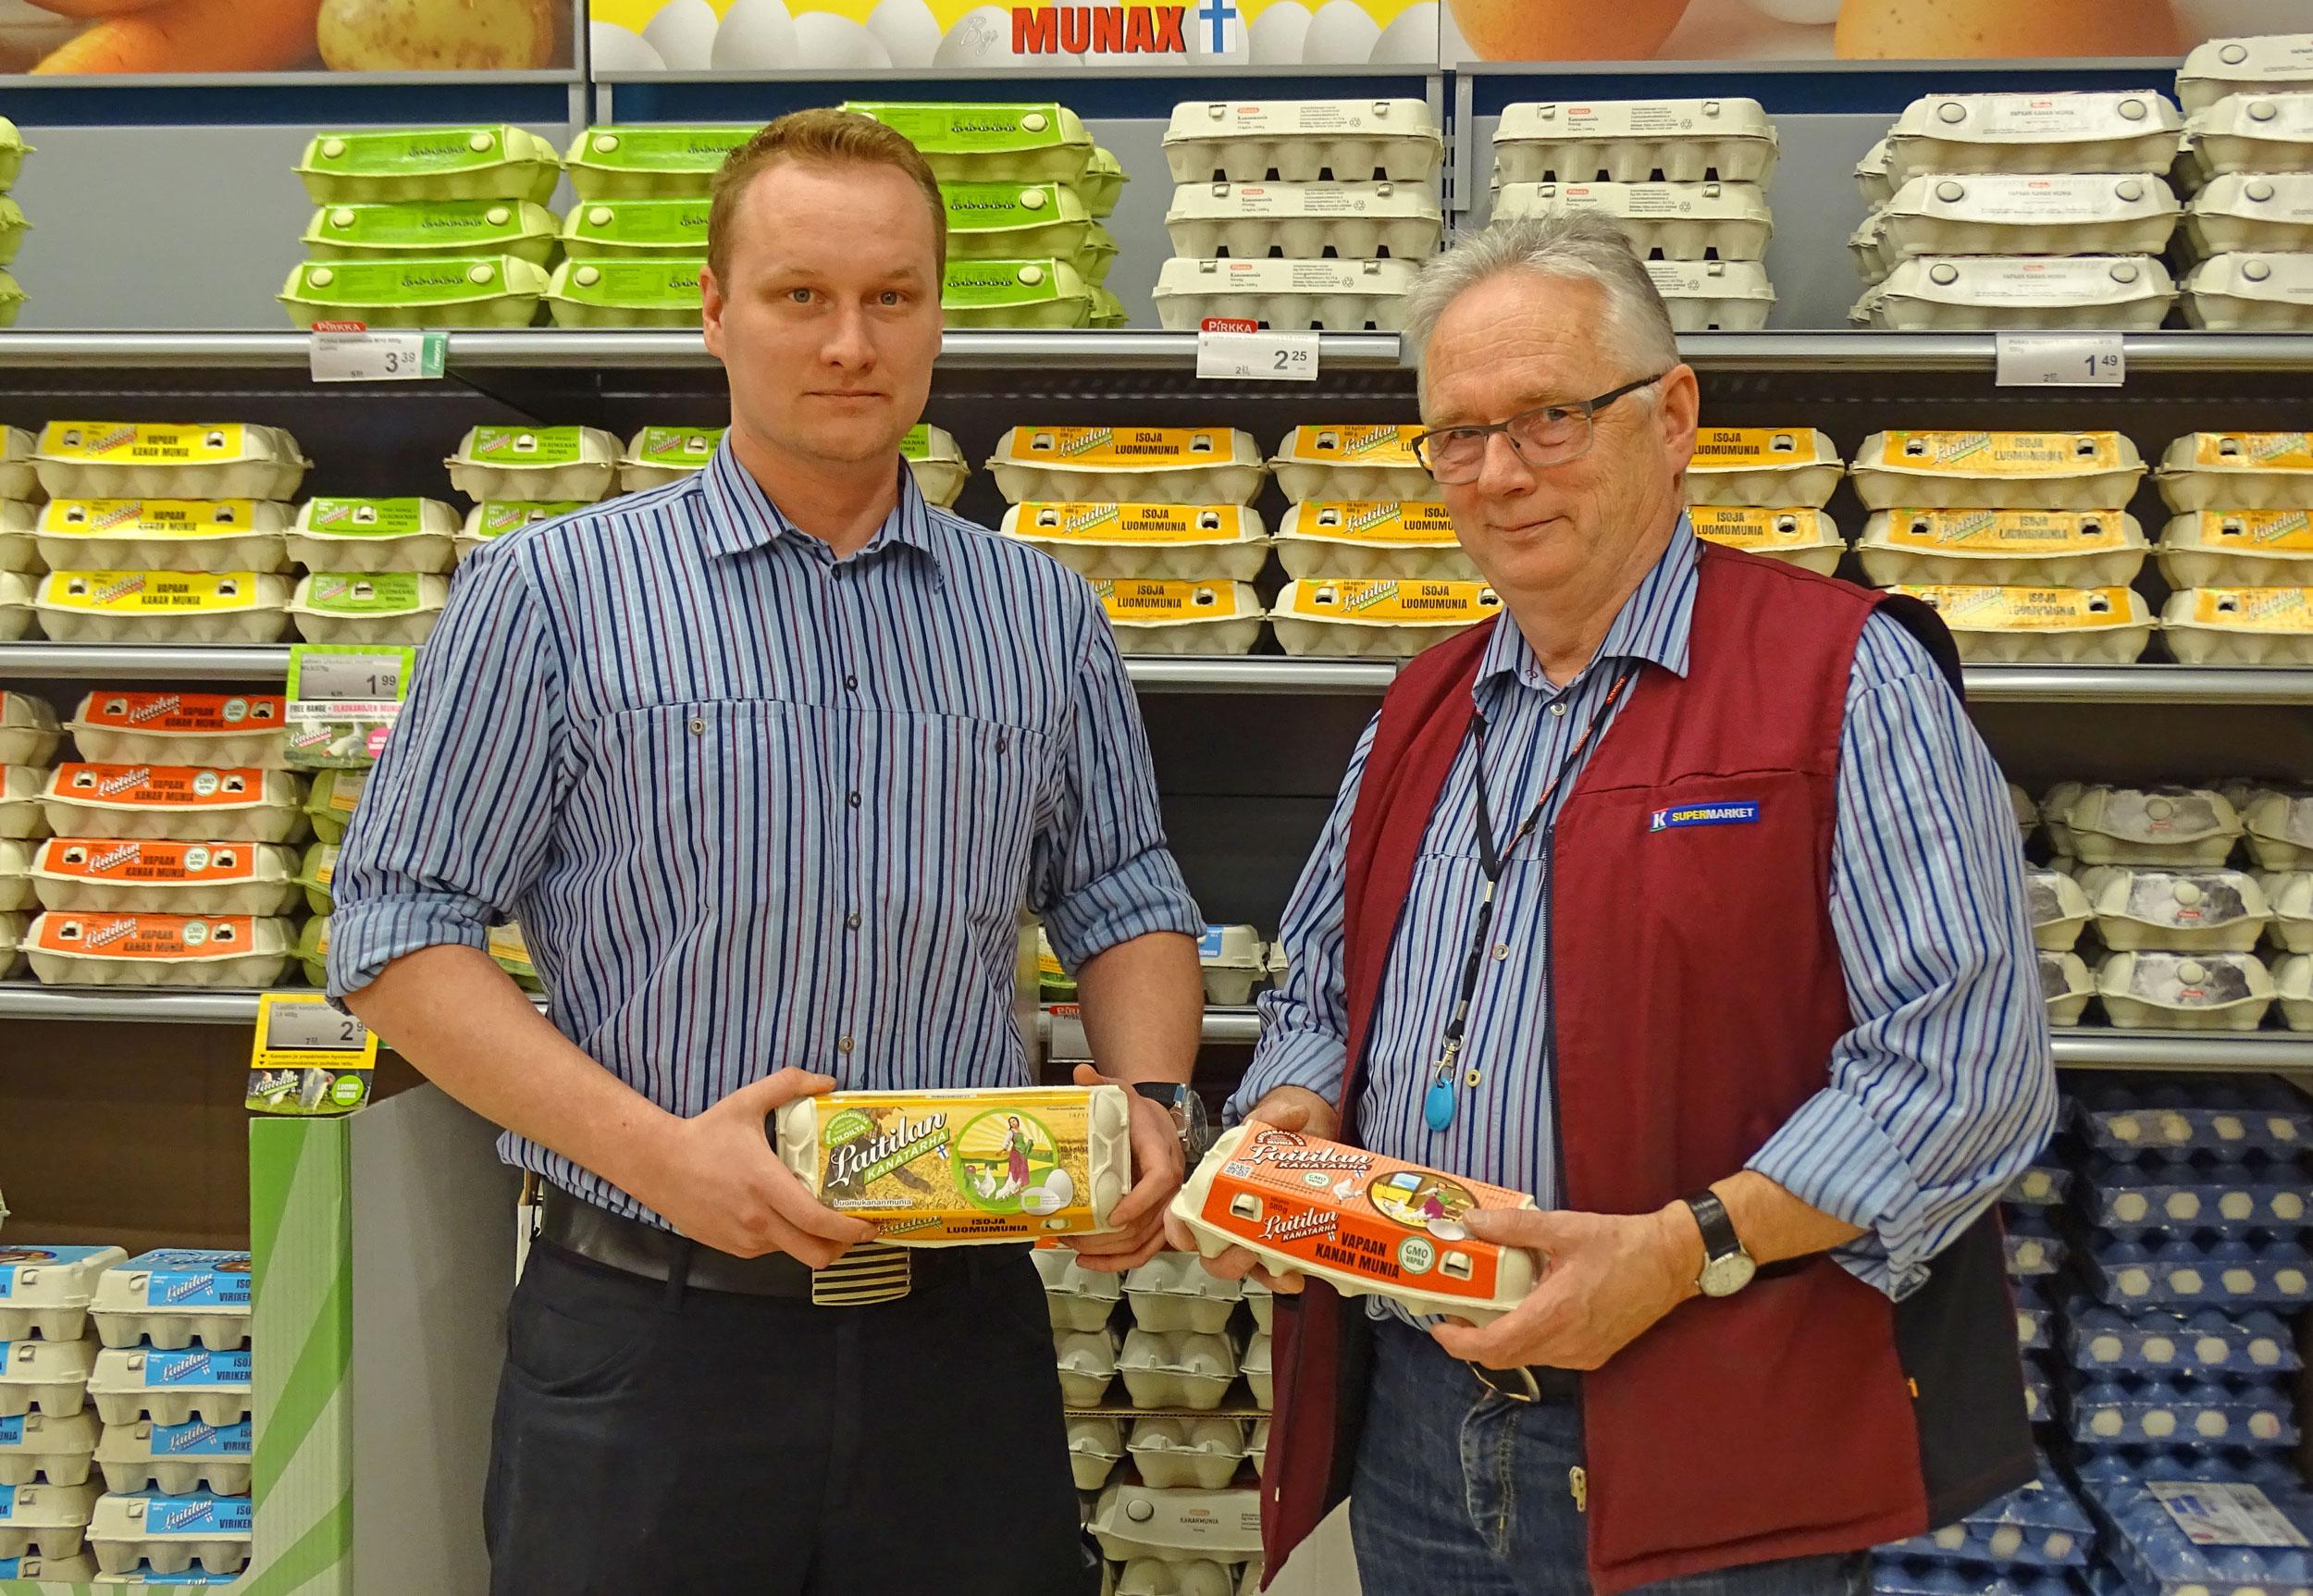 Kuukauden munamyyjä: K-Supermarket, Laitila